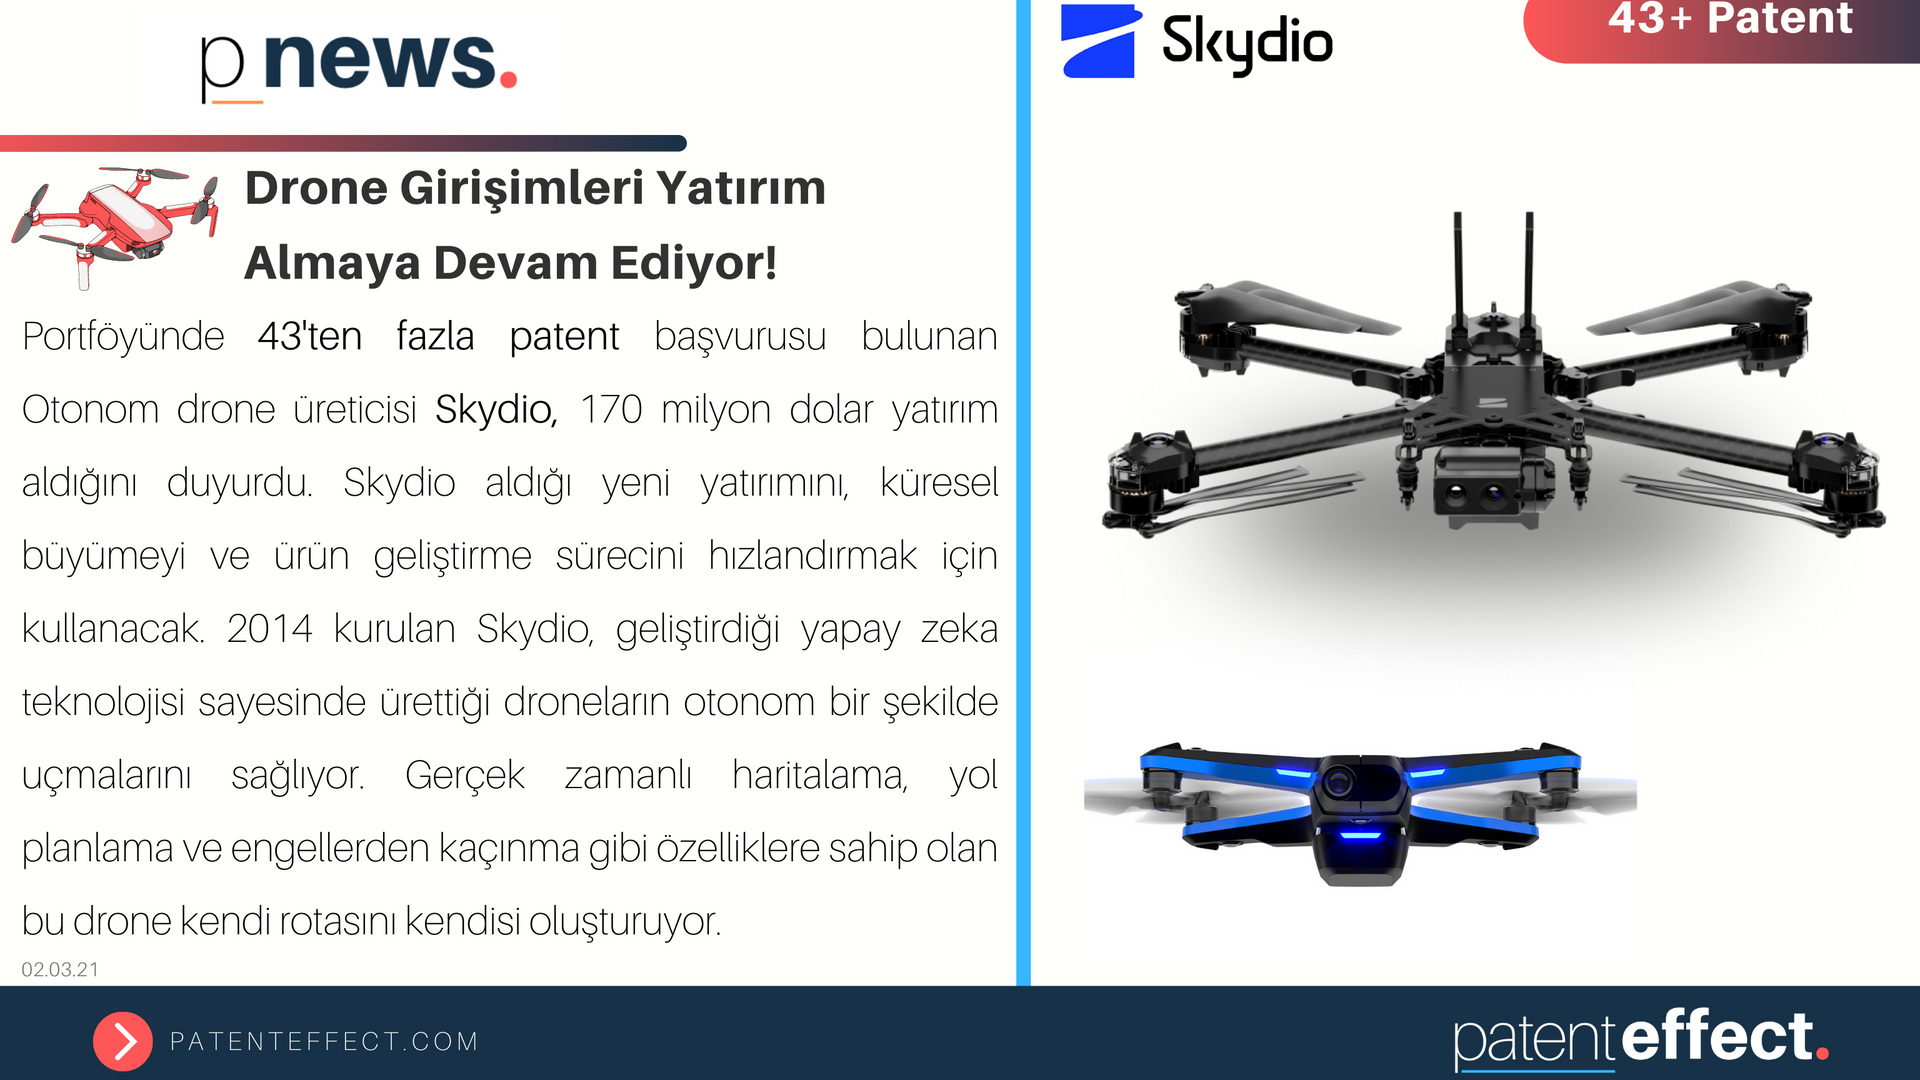 Drone Girişimleri Yatırım Almaya Devam Ediyor!